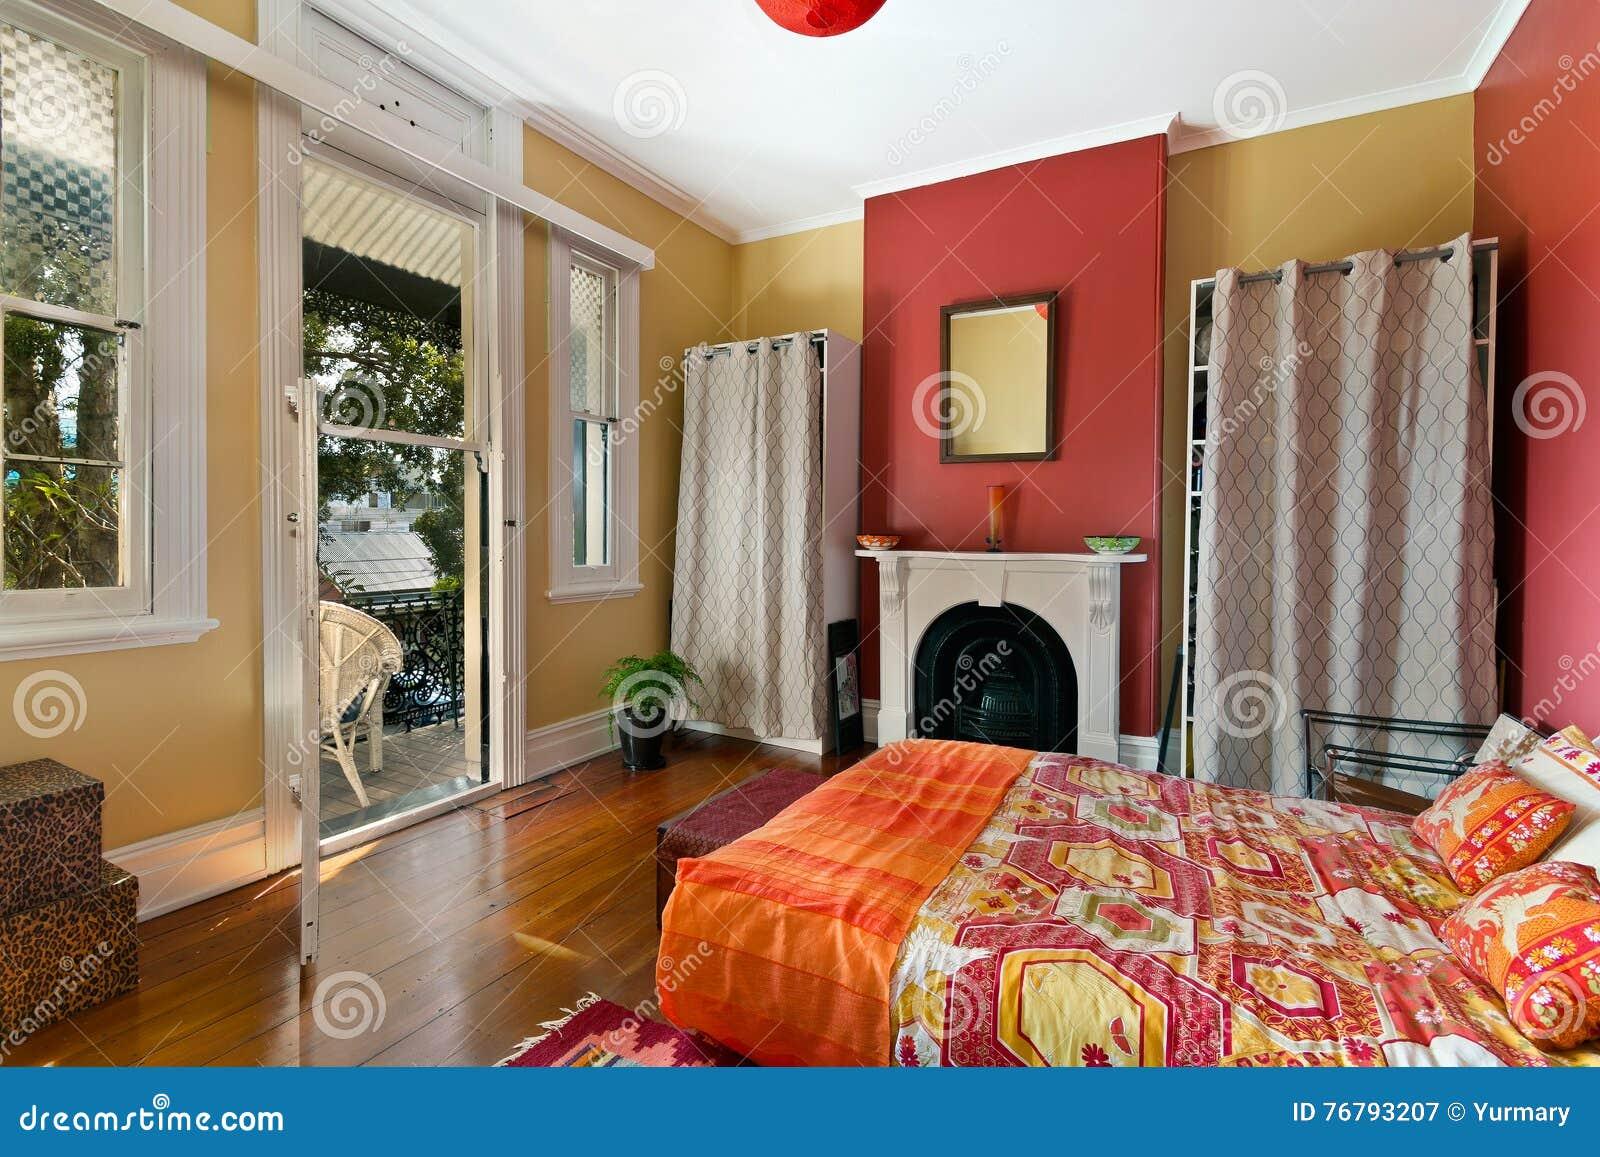 Interiore Moderno Della Camera Da Letto Fotografia Stock - Immagine: 76793207